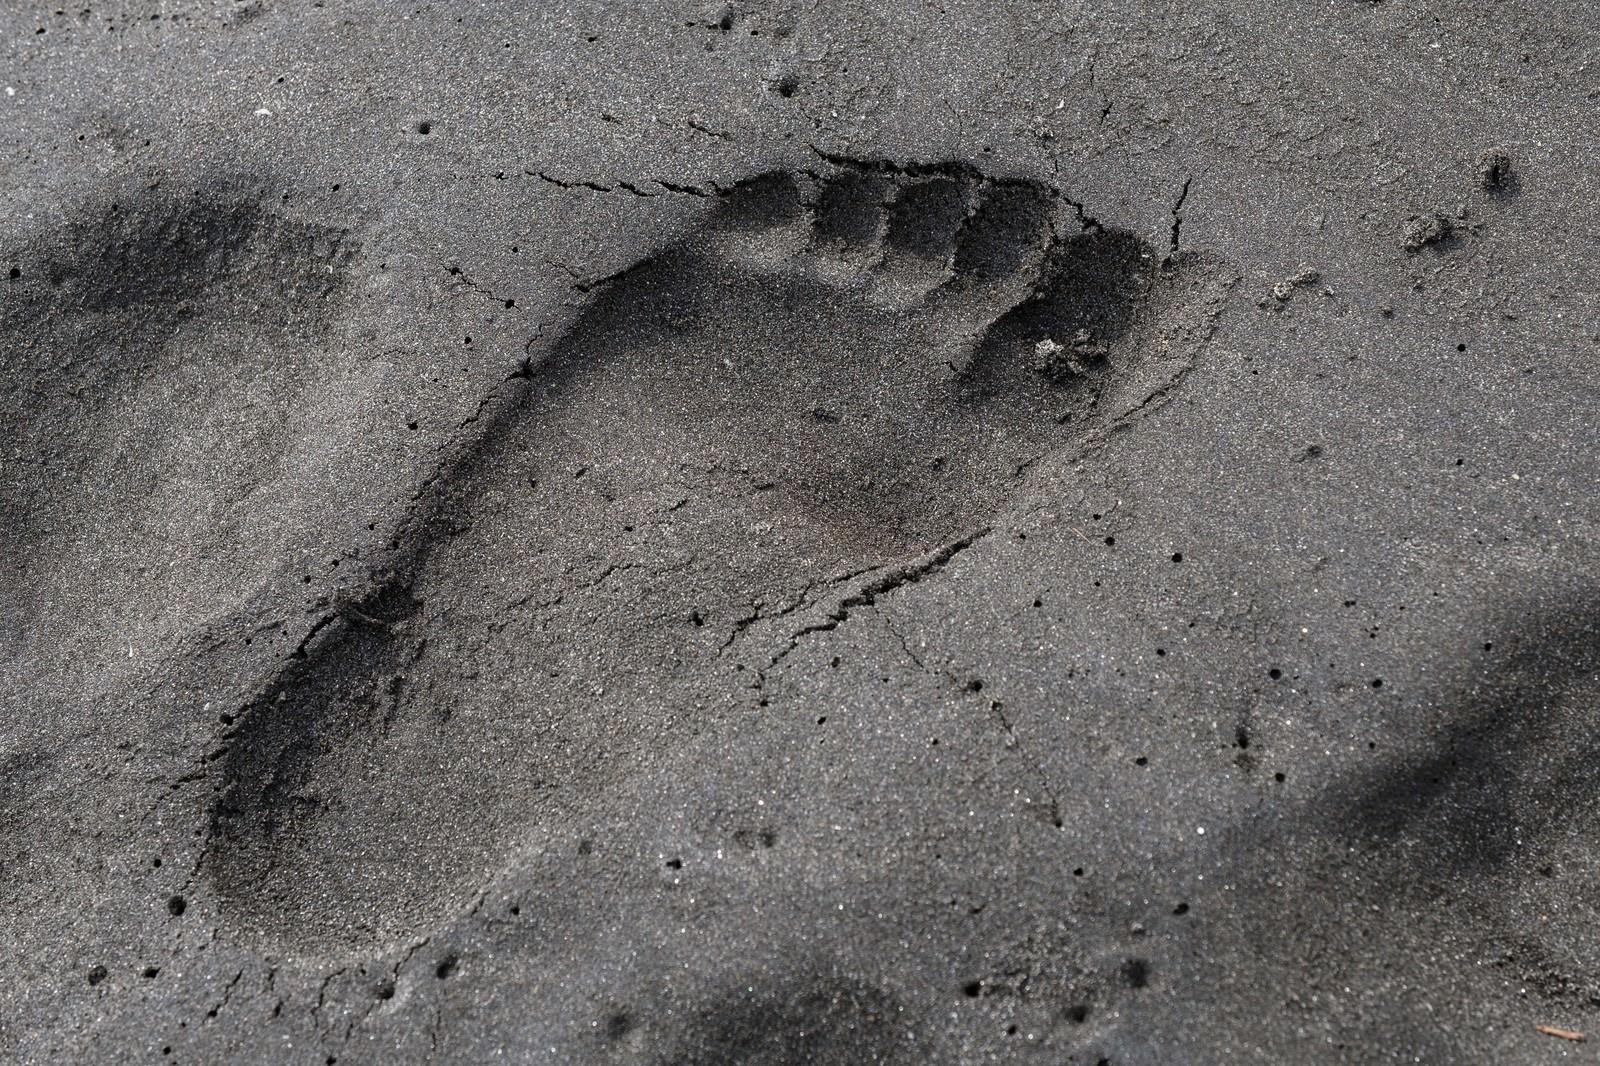 「砂浜に残った足跡砂浜に残った足跡」のフリー写真素材を拡大